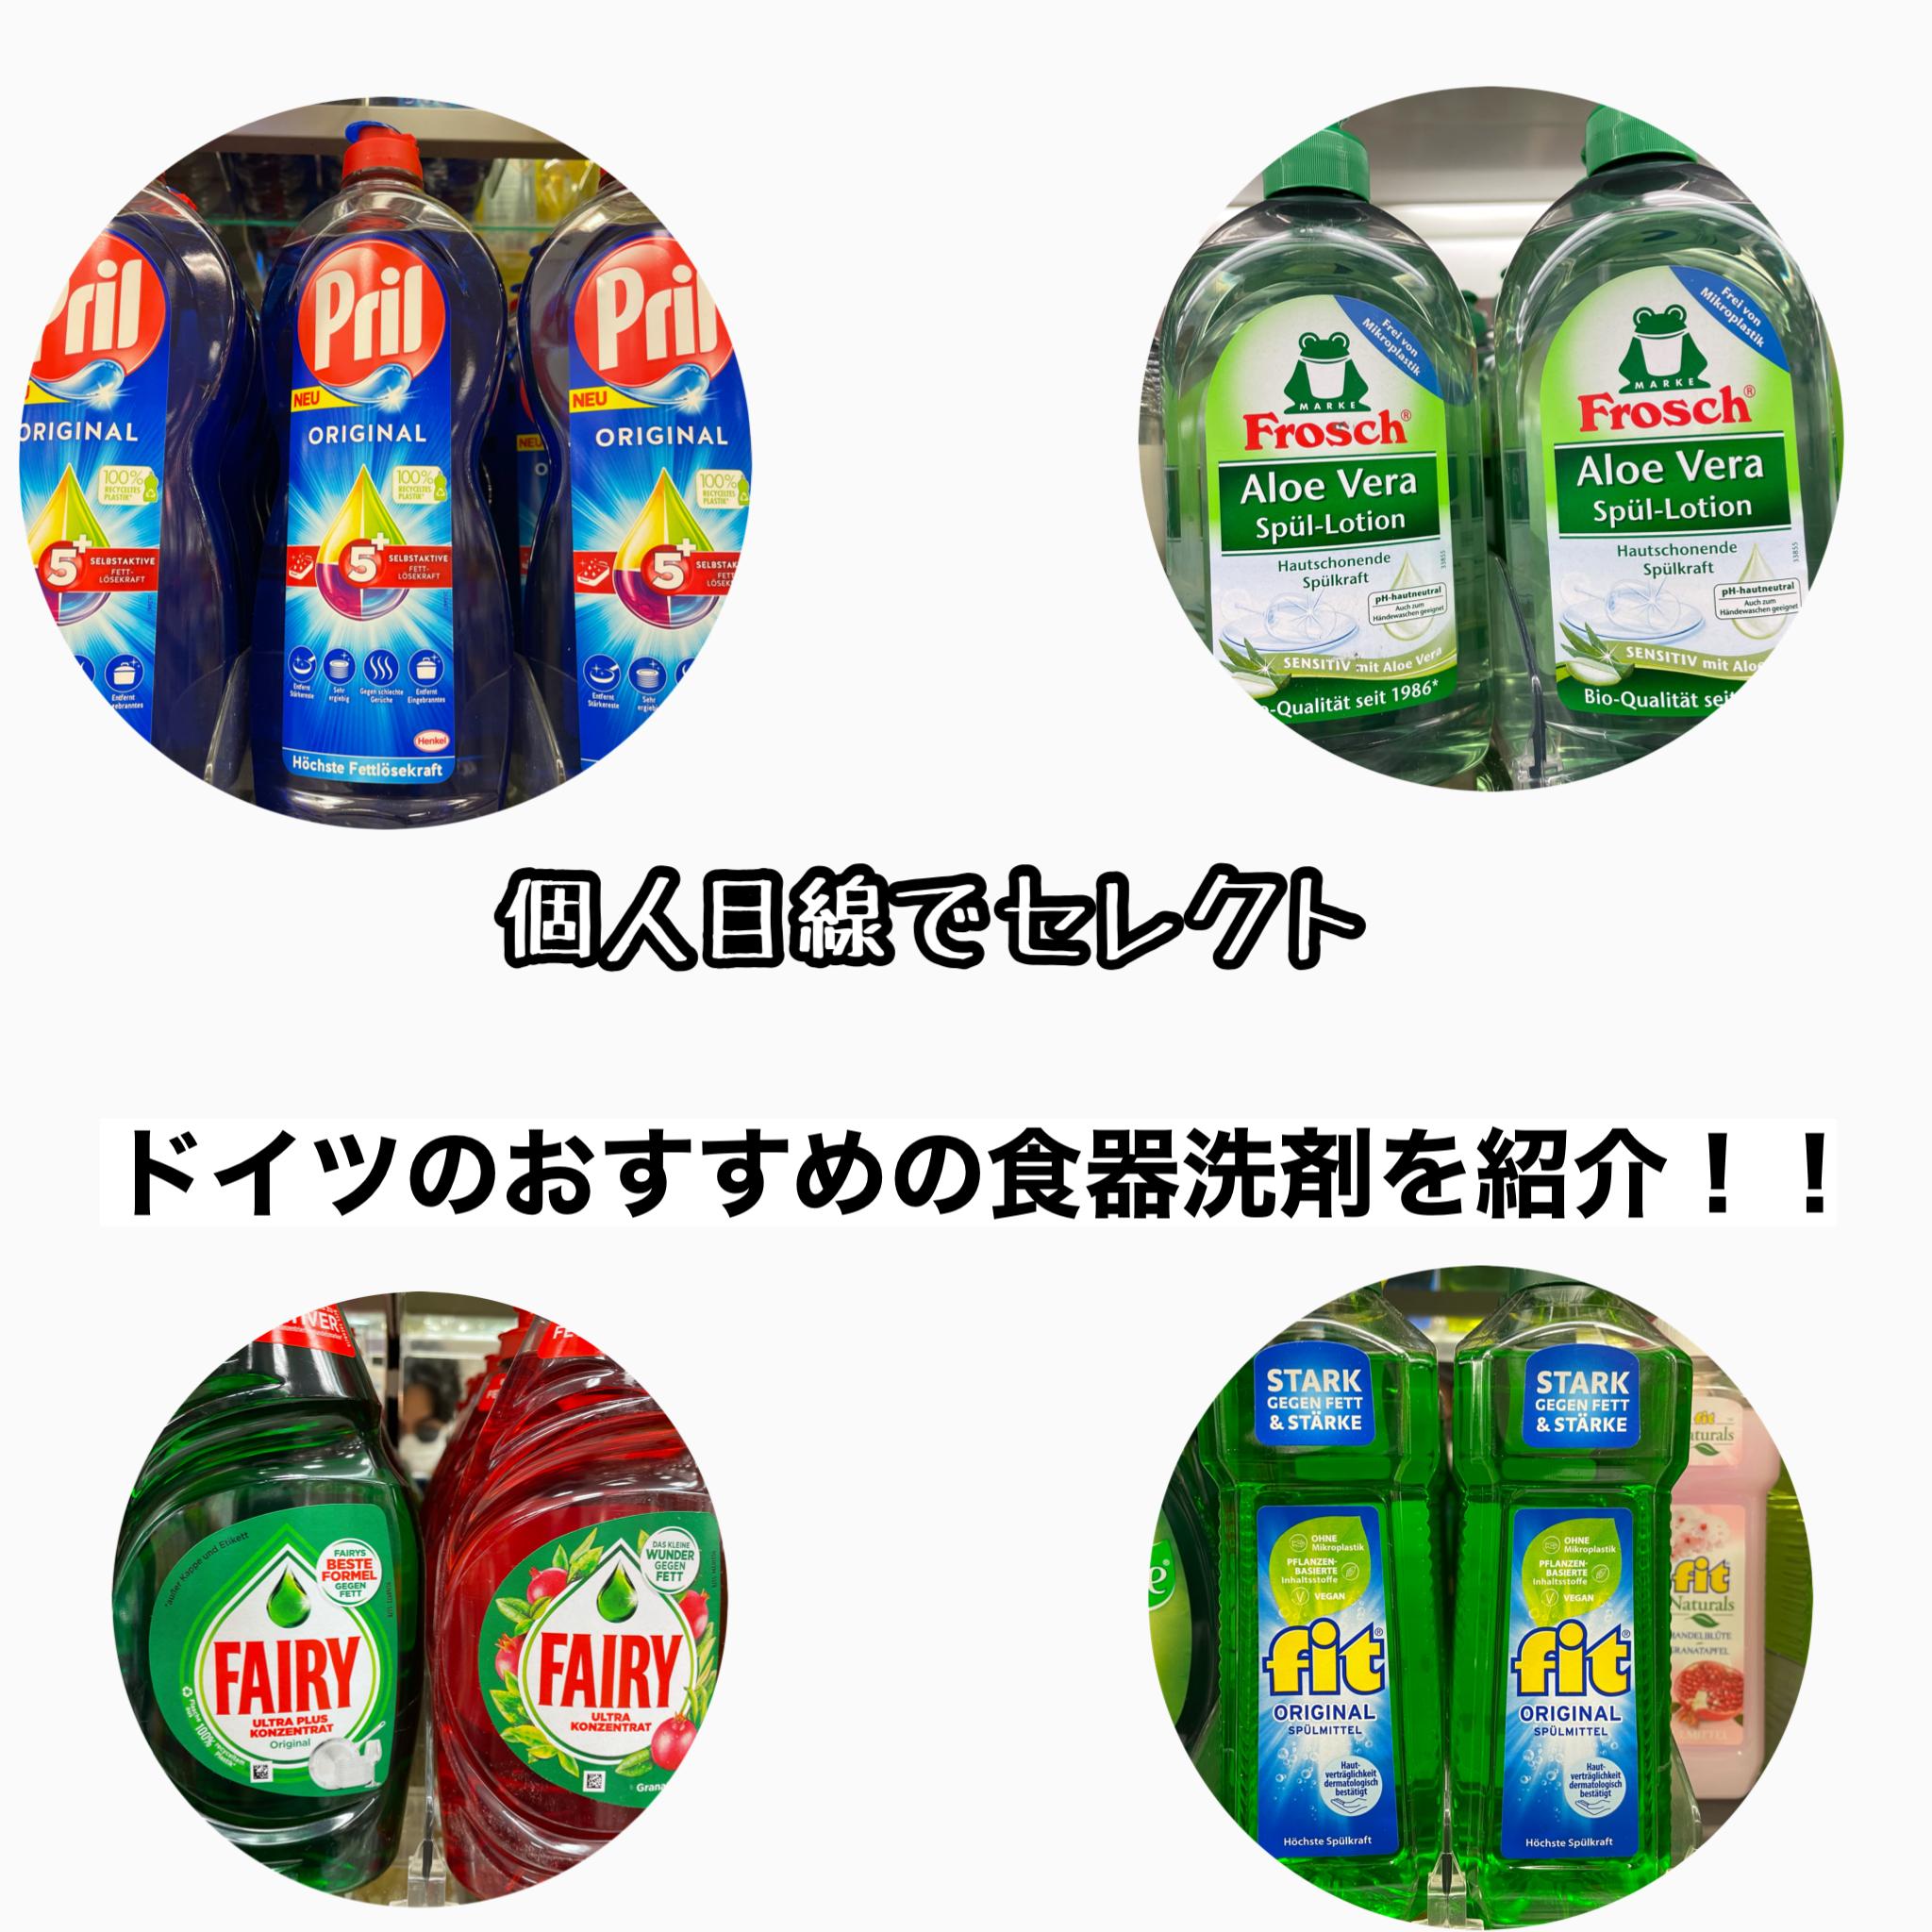 【個人目線でセレクト】普段使っているドイツのおすすめの食器洗剤を紹介!